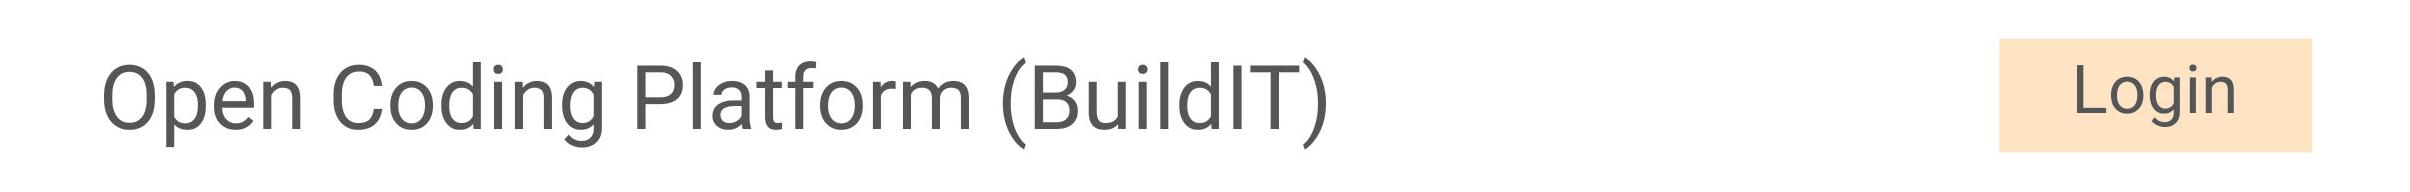 IARE BuildIT